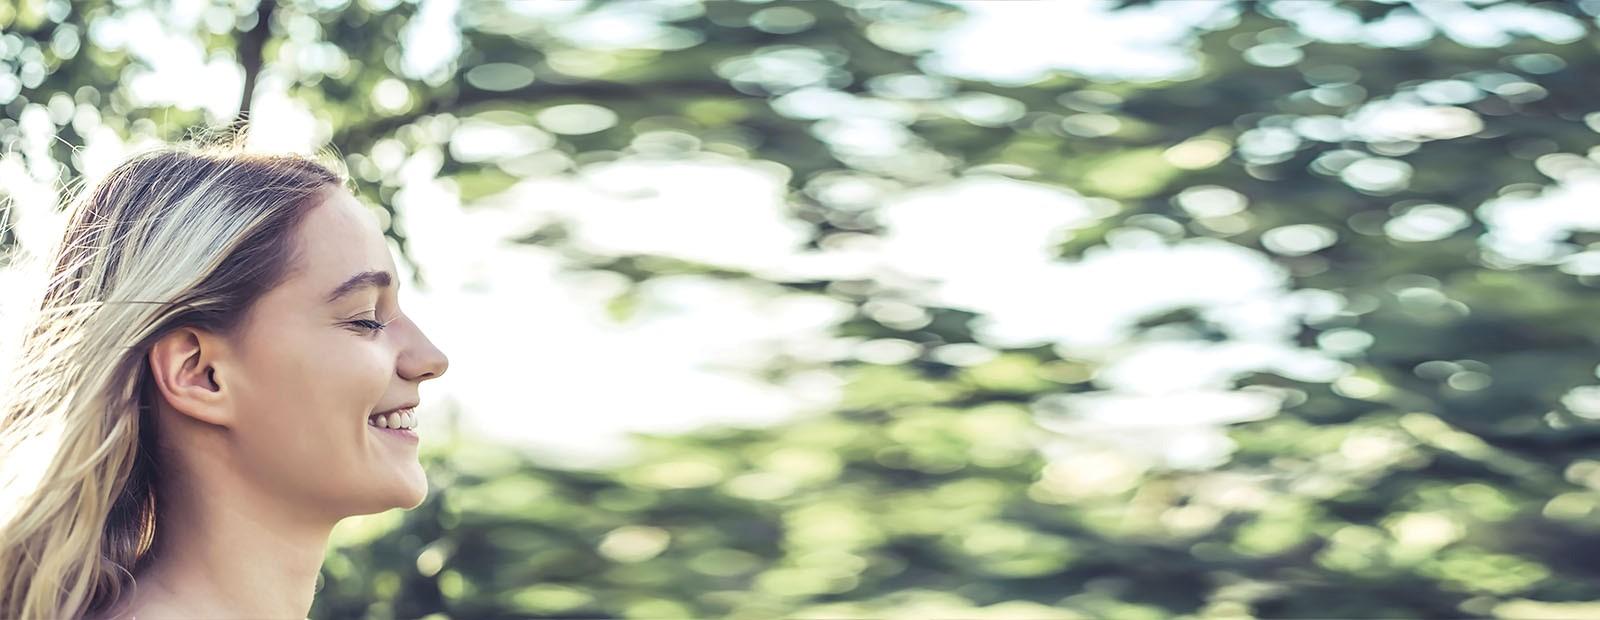 Abgebildet ist eine Frau die lächelt. Im Hintergrund sind Blätter von Bäumen zu sehen.